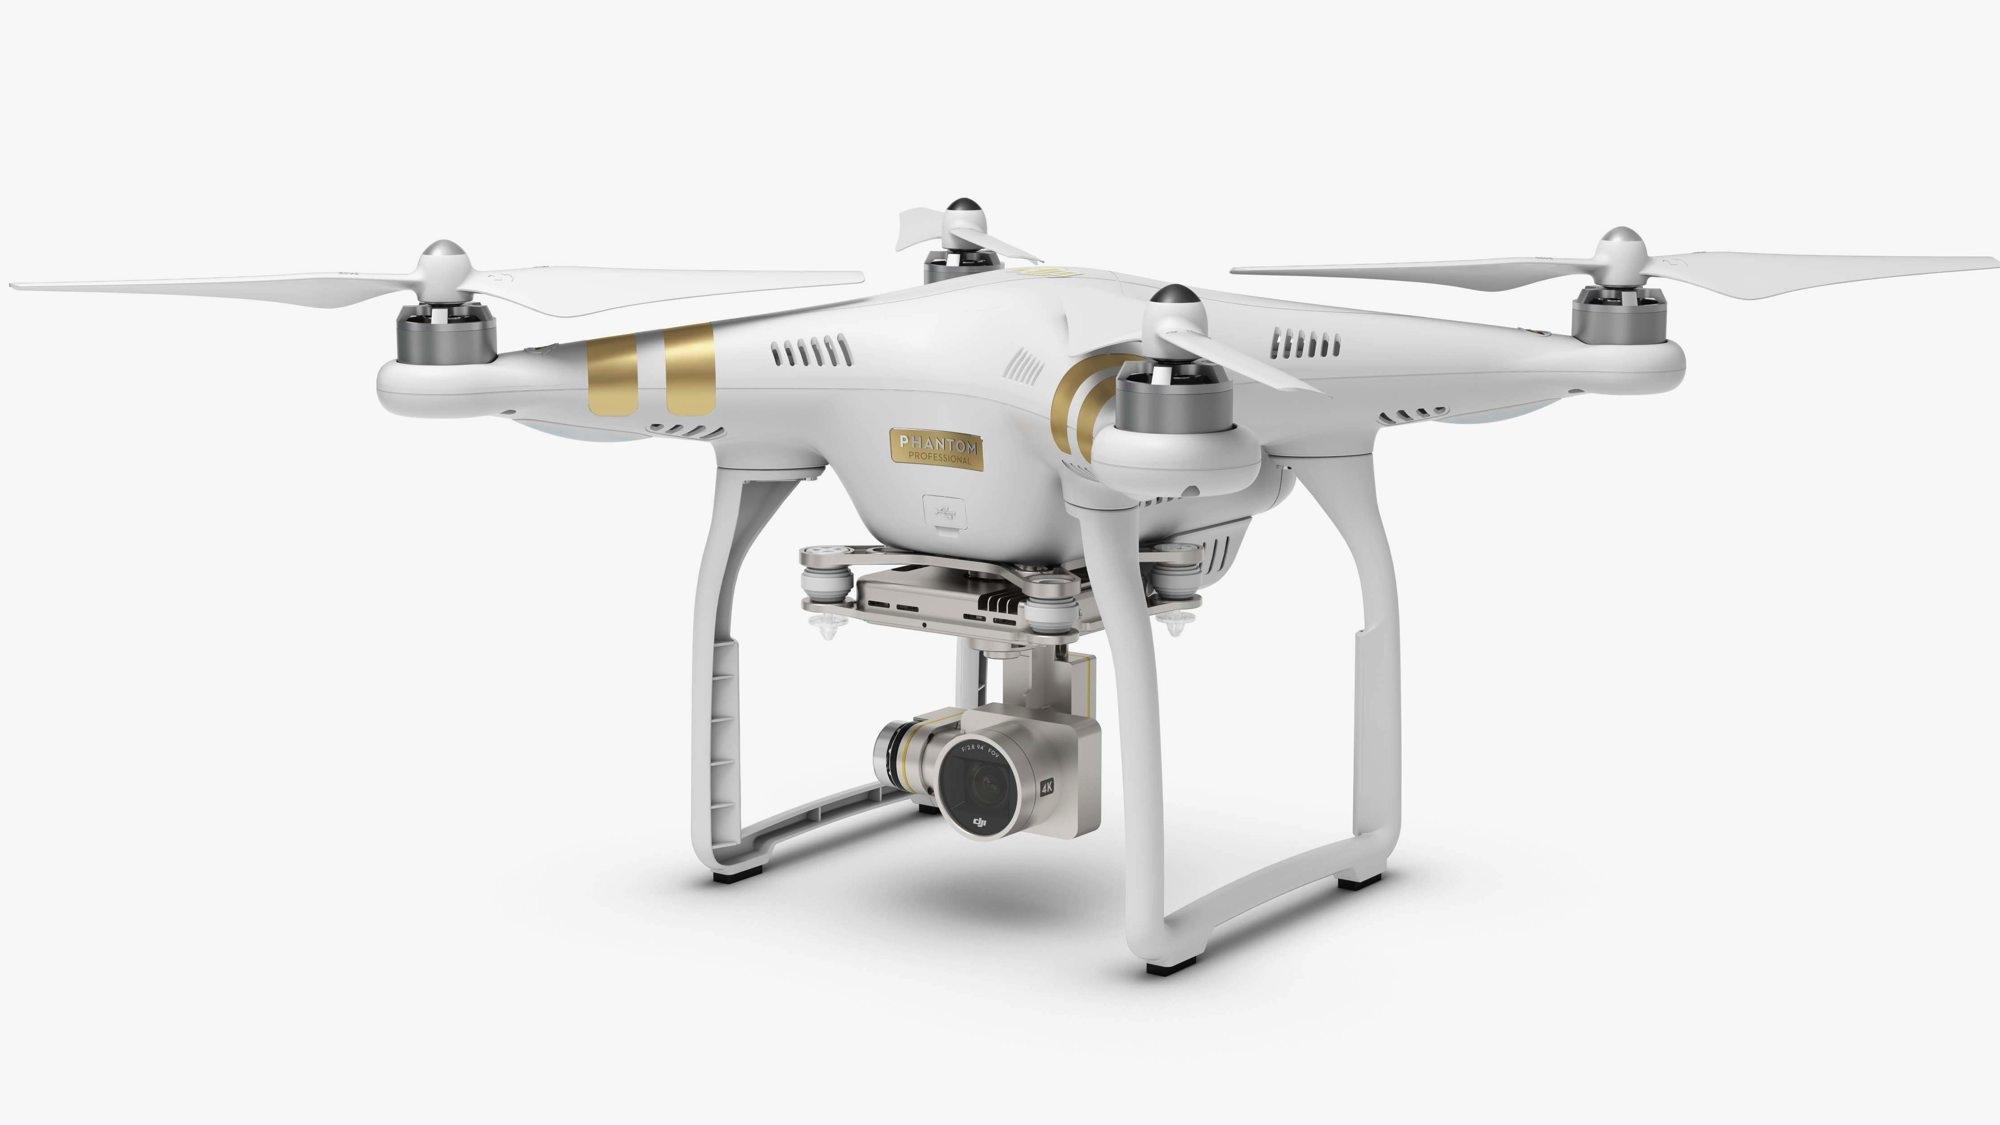 DJI's new Phantom 3 drone